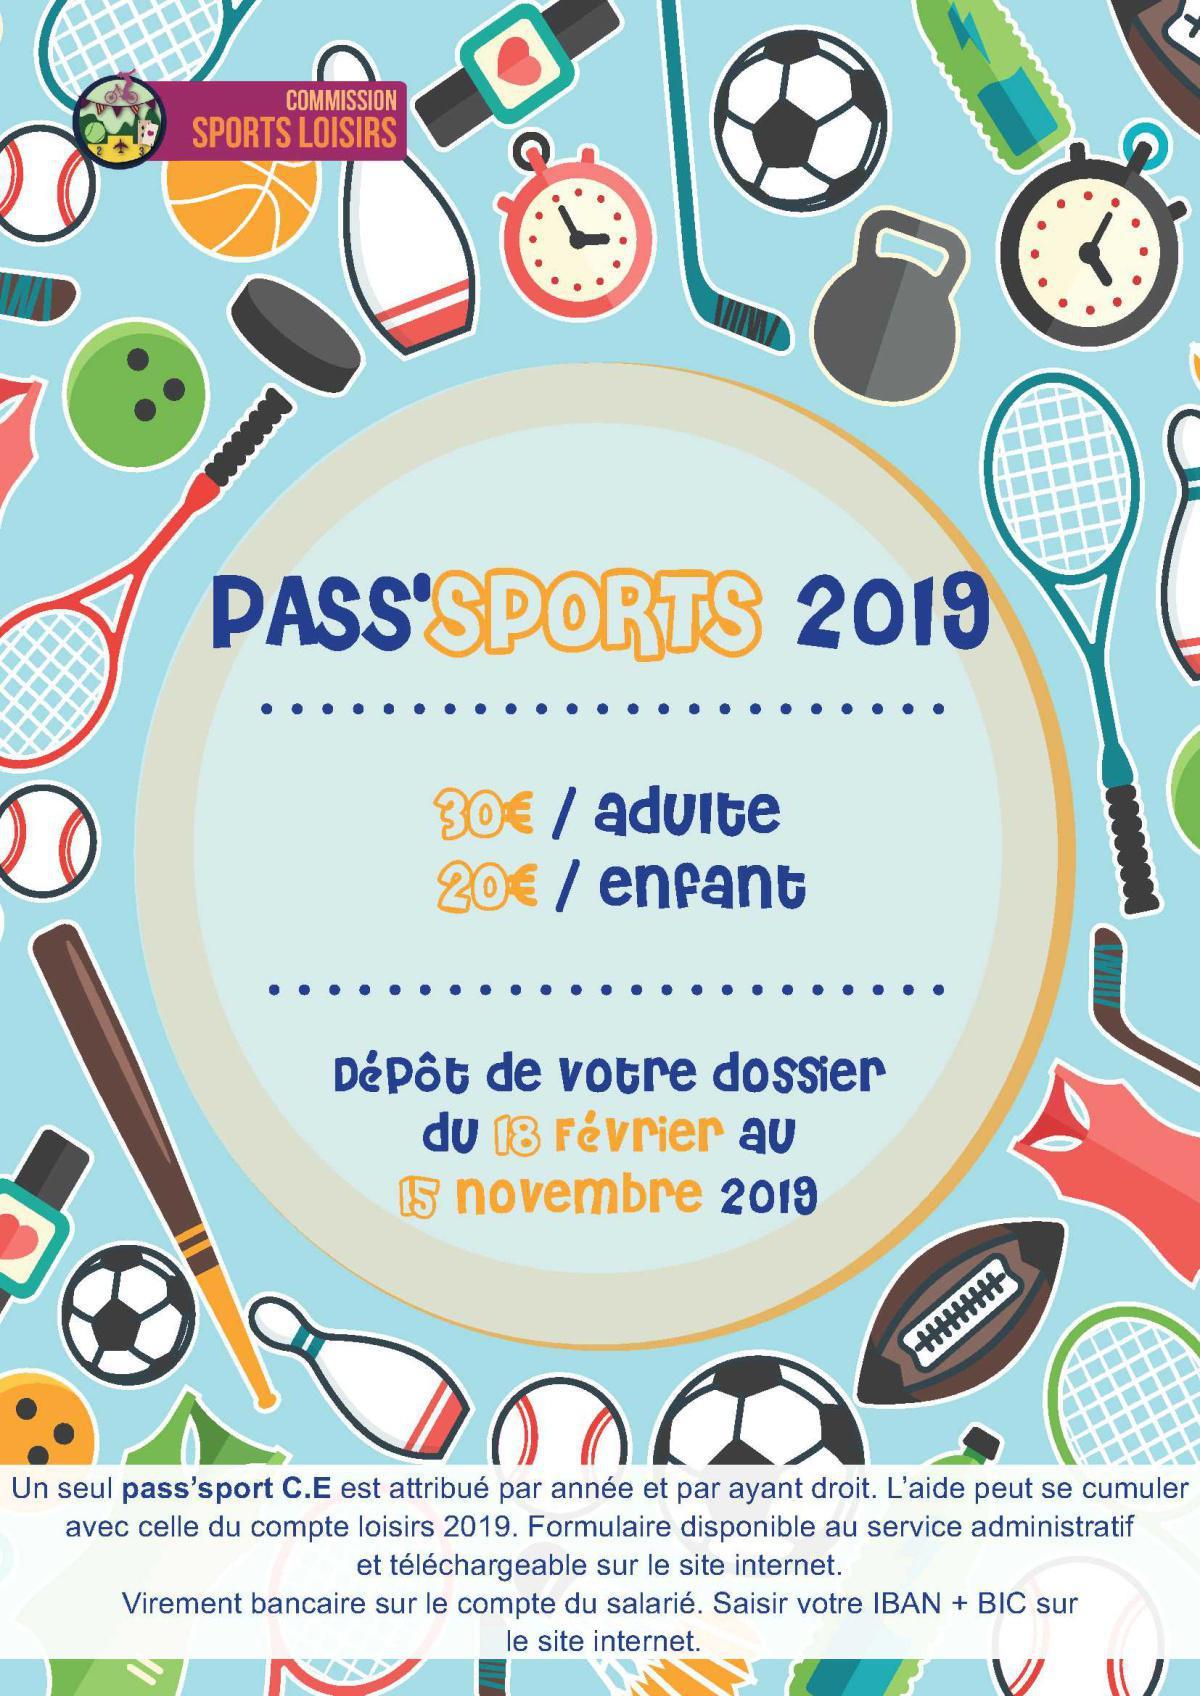 InFO CE : Pass' sport.